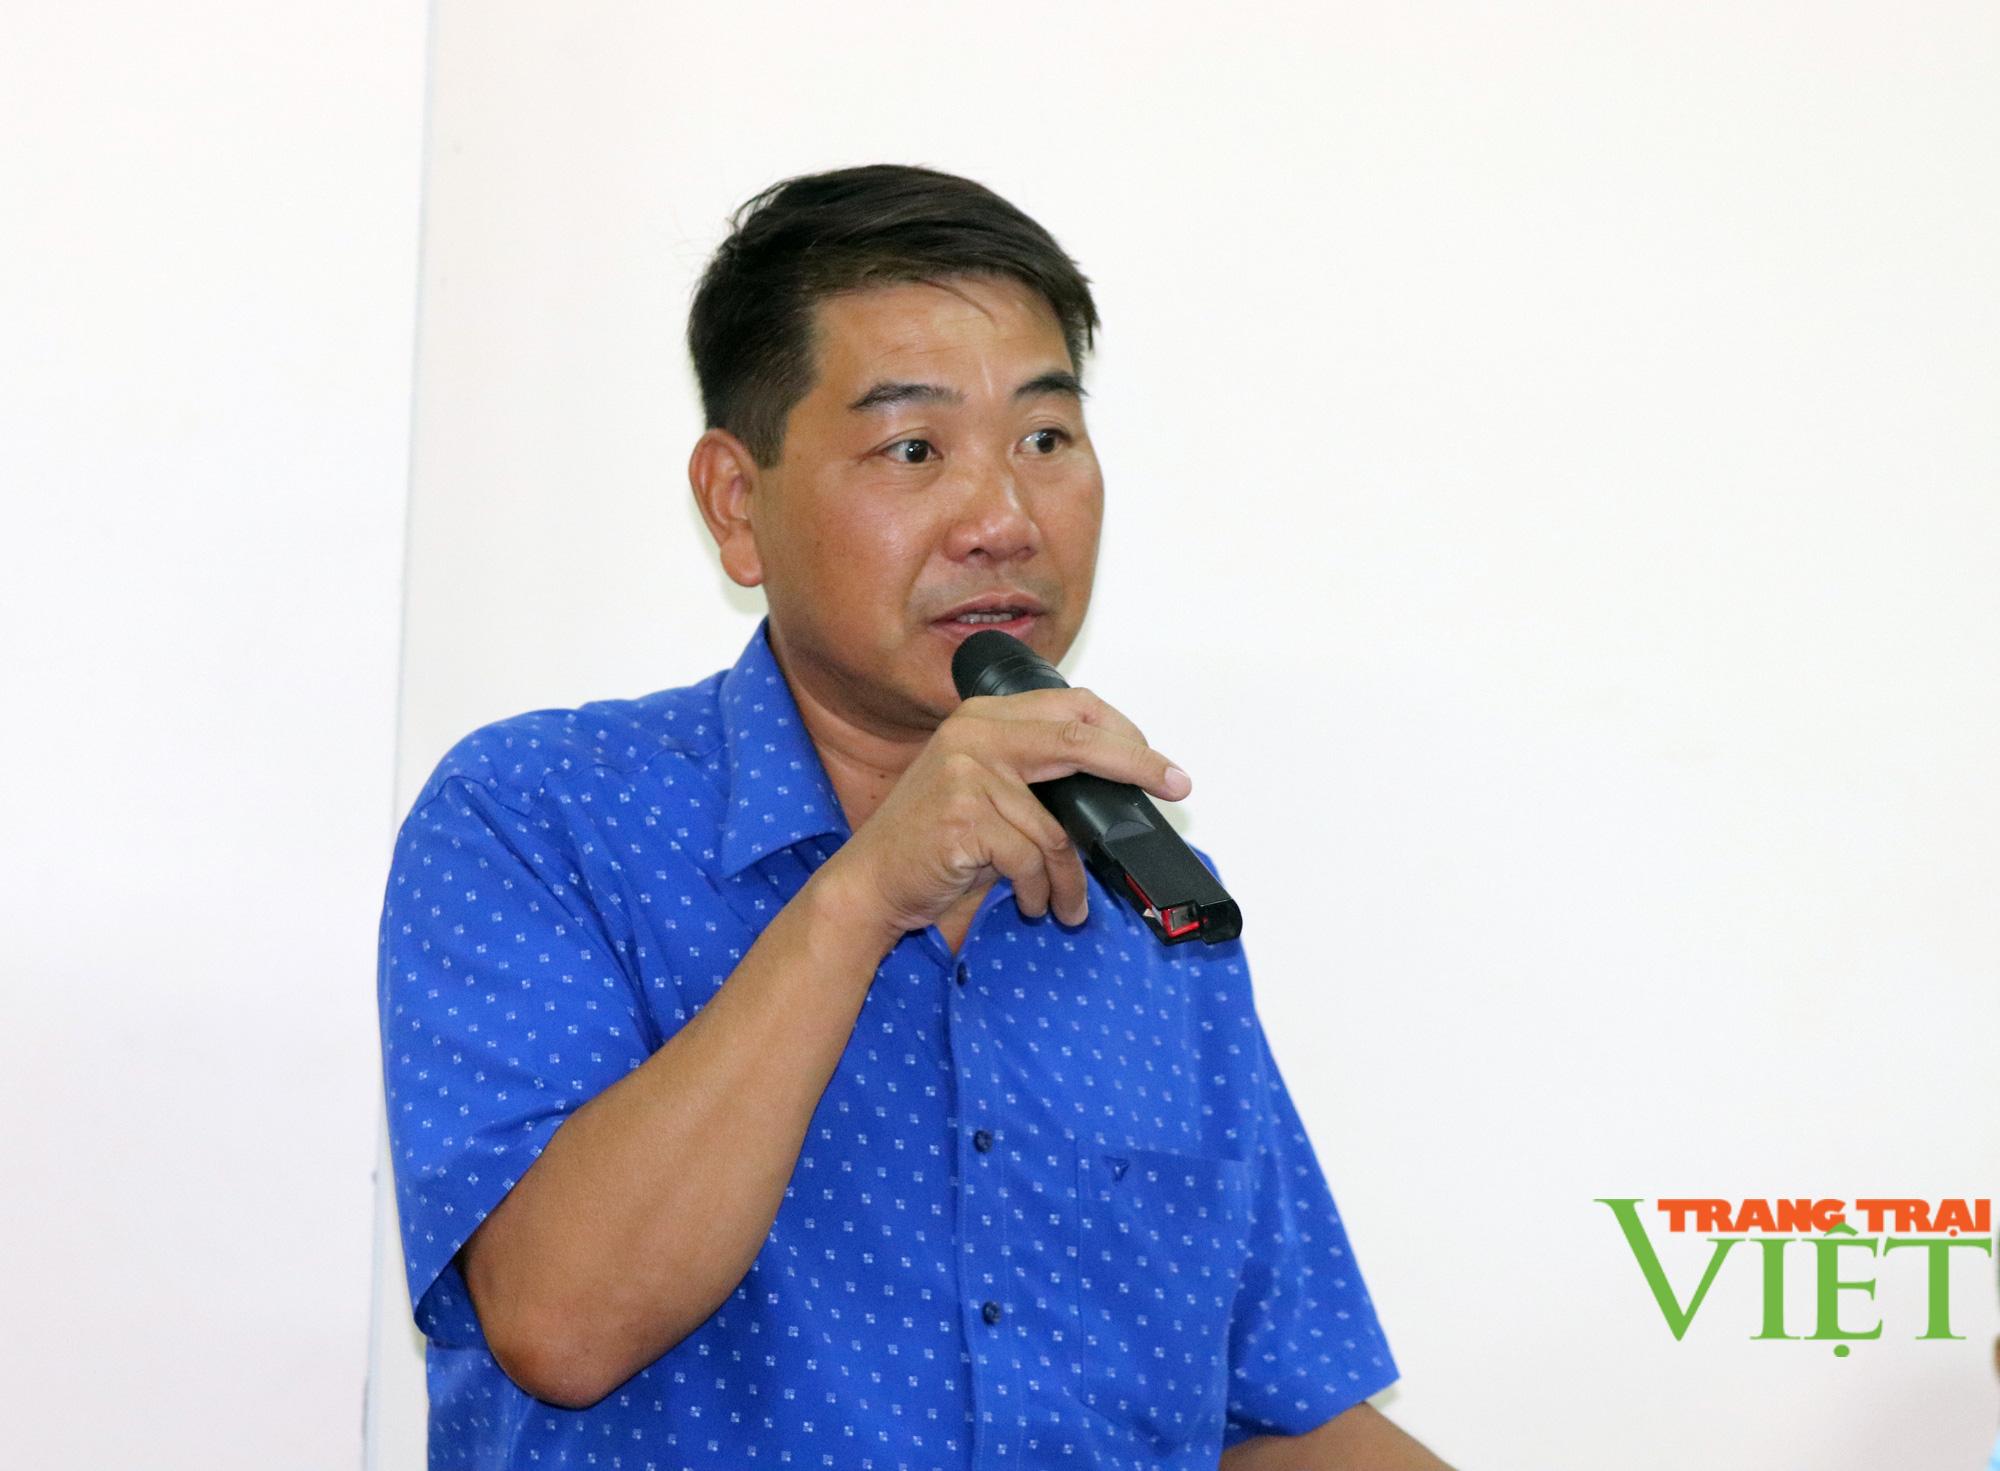 Các cấp Hội Nông dân tỉnh Sơn La hỗ trợ tiêu thụ gần 5.000 tấn nông sản - Ảnh 3.